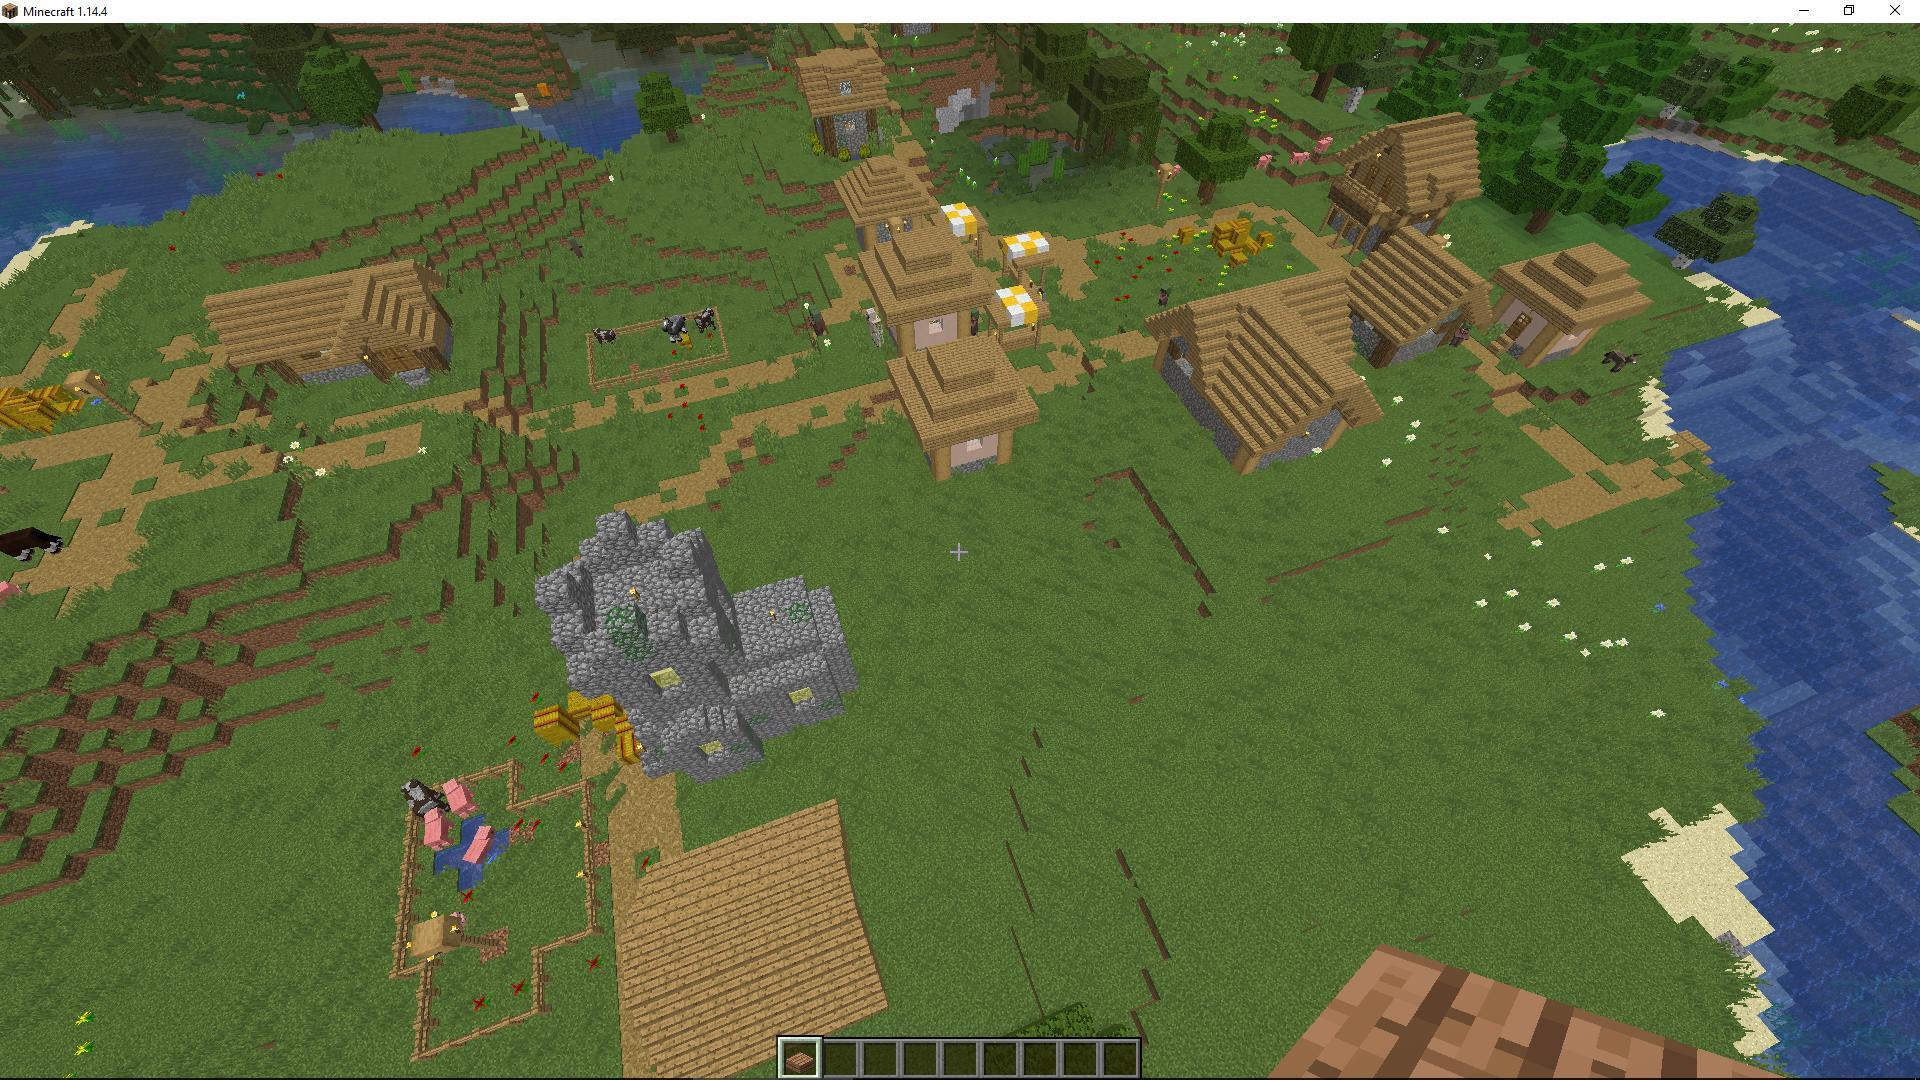 Сид «Два кораблекрушения, деревня и лесной остров» - скриншот 2